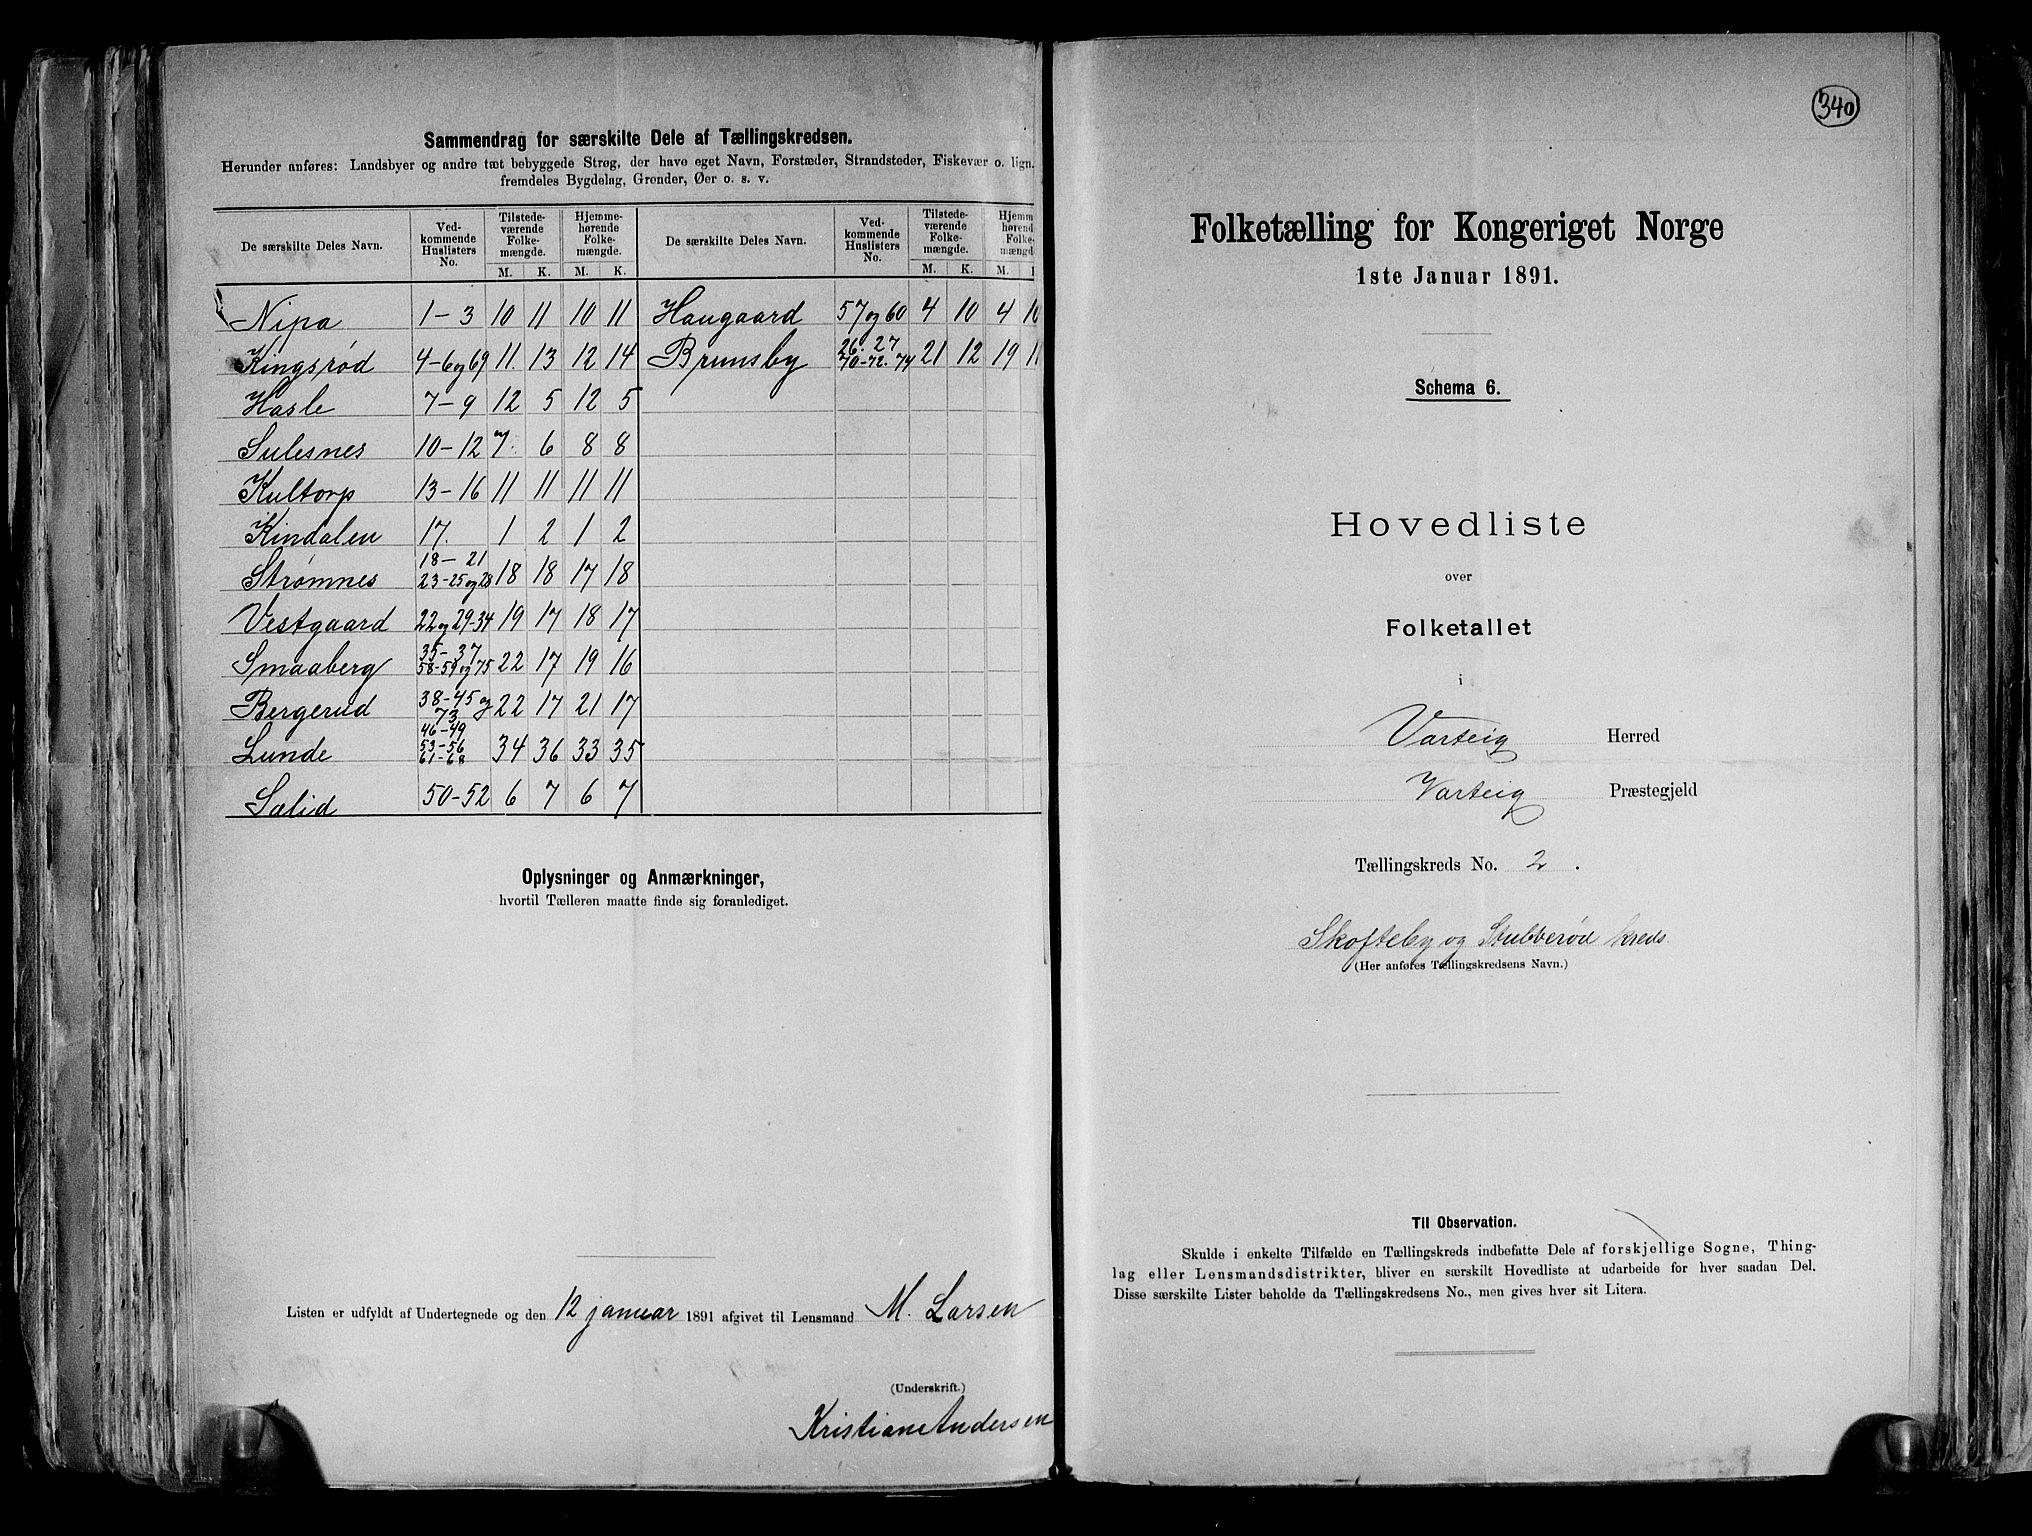 RA, Folketelling 1891 for 0114 Varteig herred, 1891, s. 7